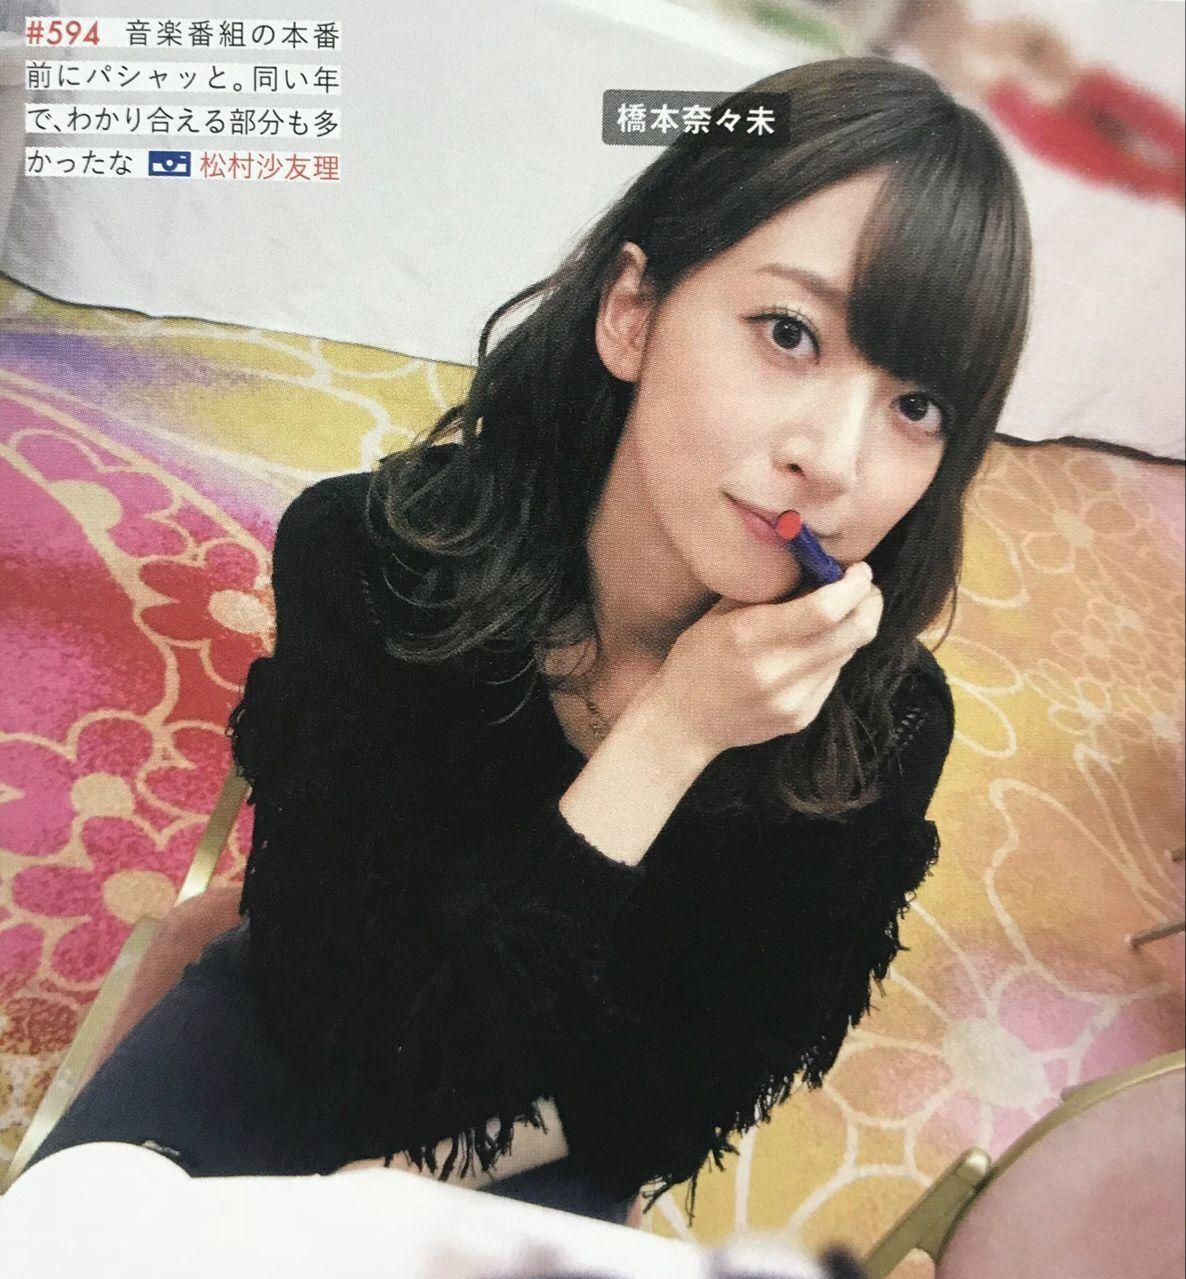 橋本奈々未 Nanami Hashimoto ビューティーフォト ピンナップ かわいい人